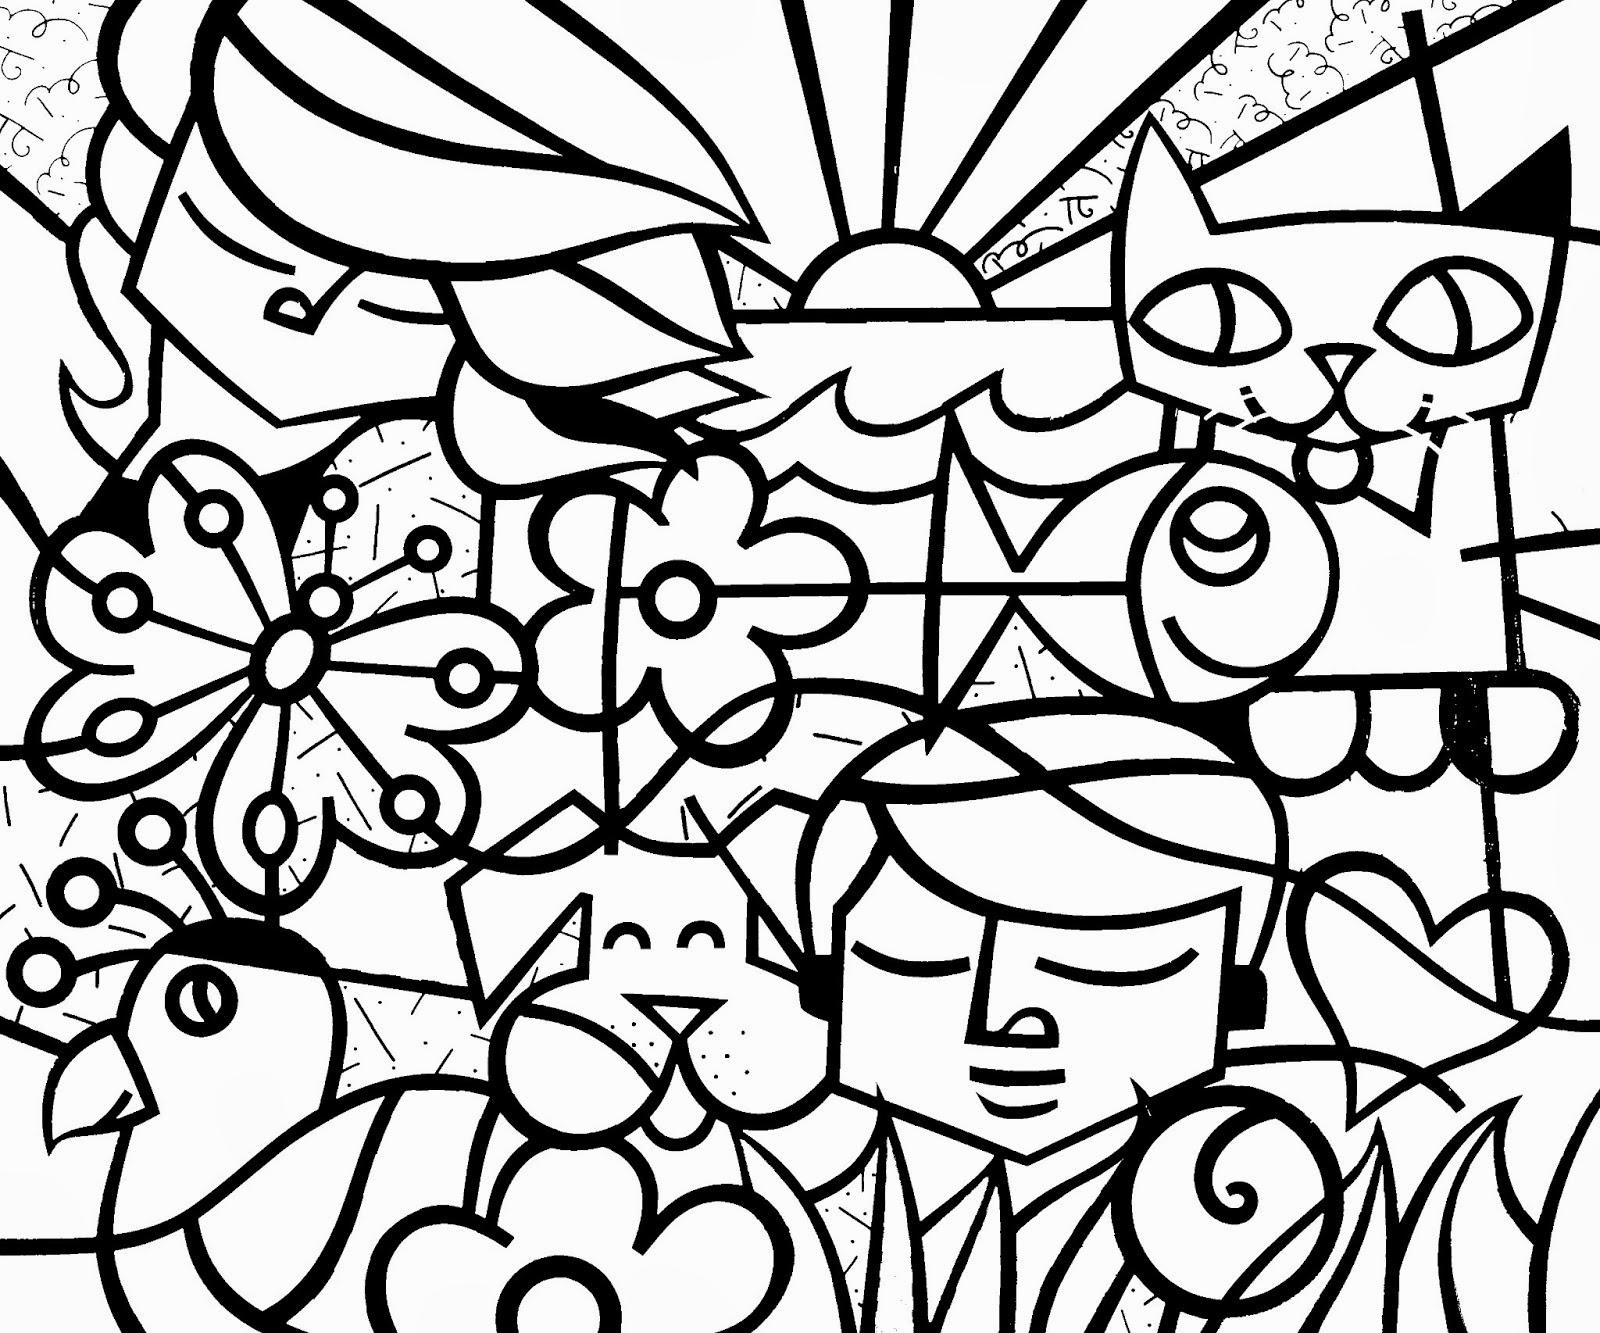 Jogo Desenhos De Romero Brito Para Colorir No Jogos Online Wx